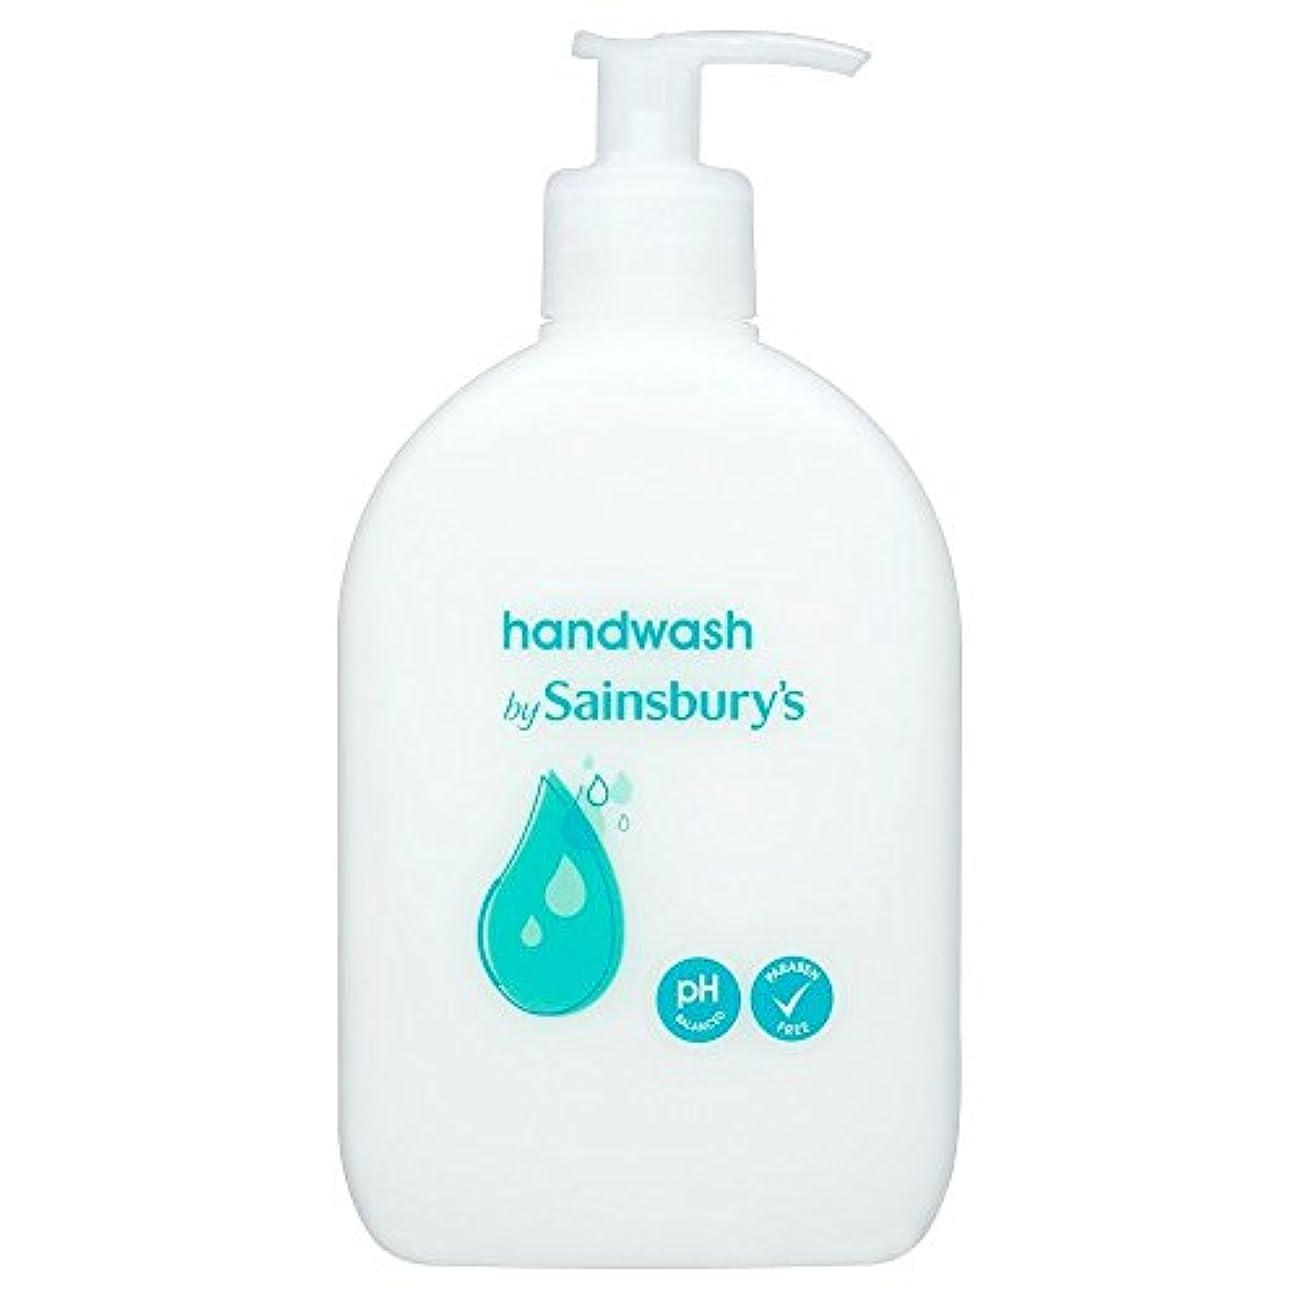 小麦粉レジデンス月曜日Sainsbury's Handwash, White 500ml (Pack of 4) - (Sainsbury's) 手洗い、白500ミリリットル (x4) [並行輸入品]